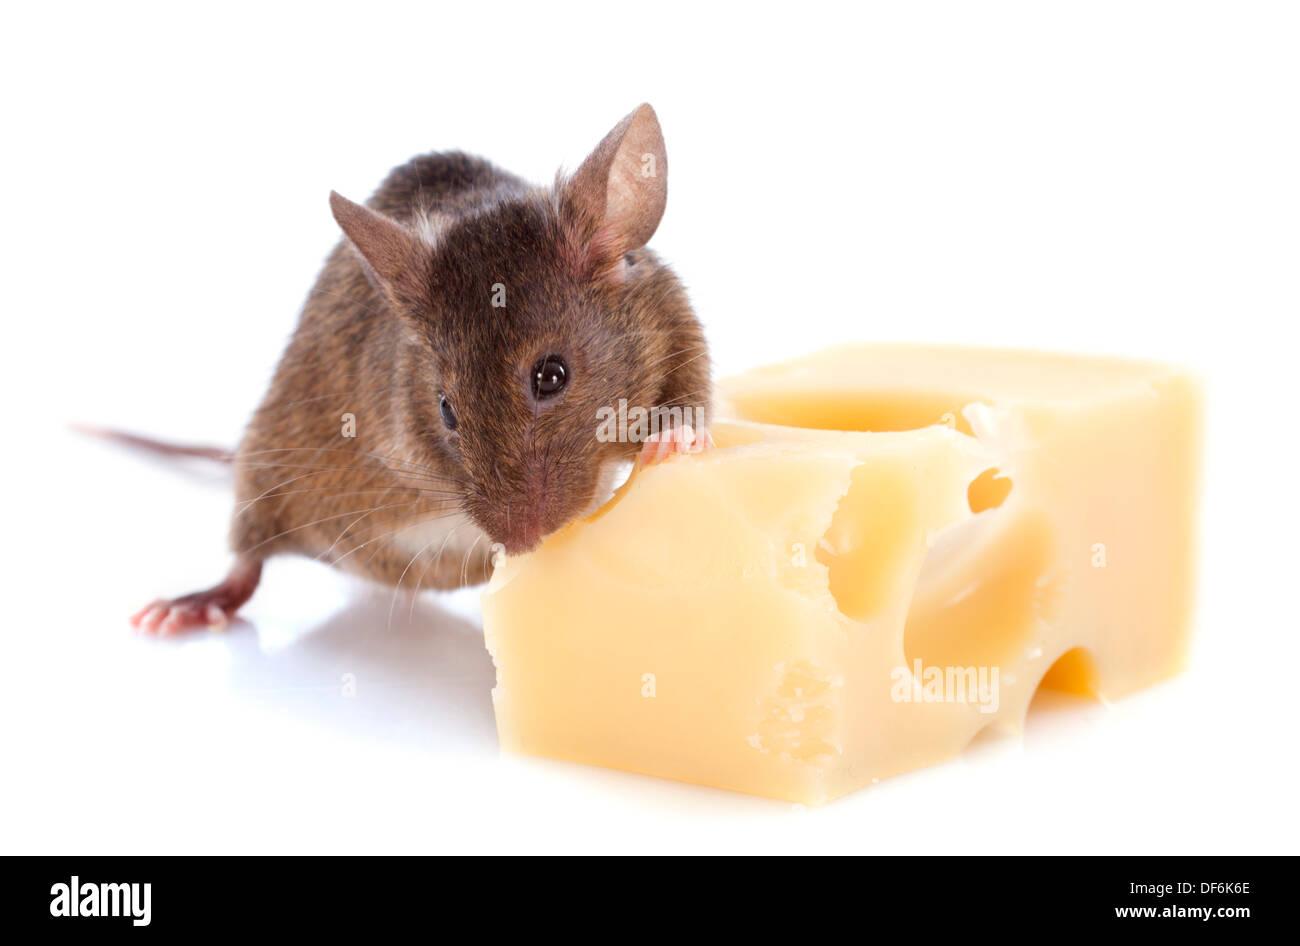 Maus und Käse vor weißem Hintergrund Stockfoto, Bild: 60997734 - Alamy